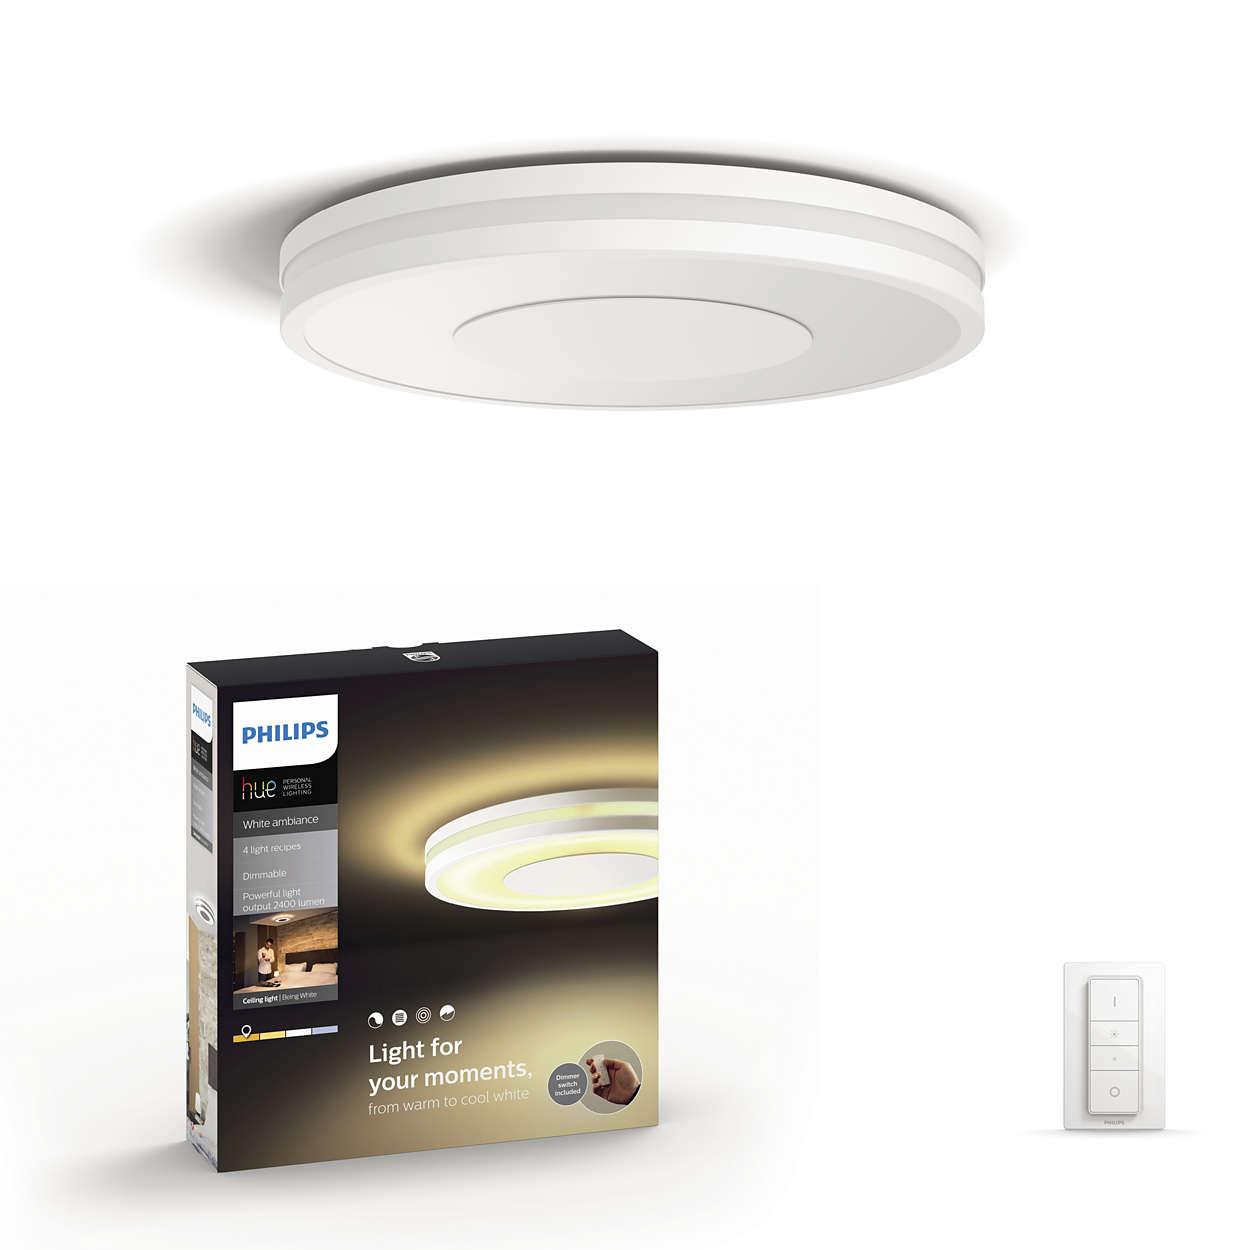 Proiectează o lumină strălucitoare minunată pe tavan